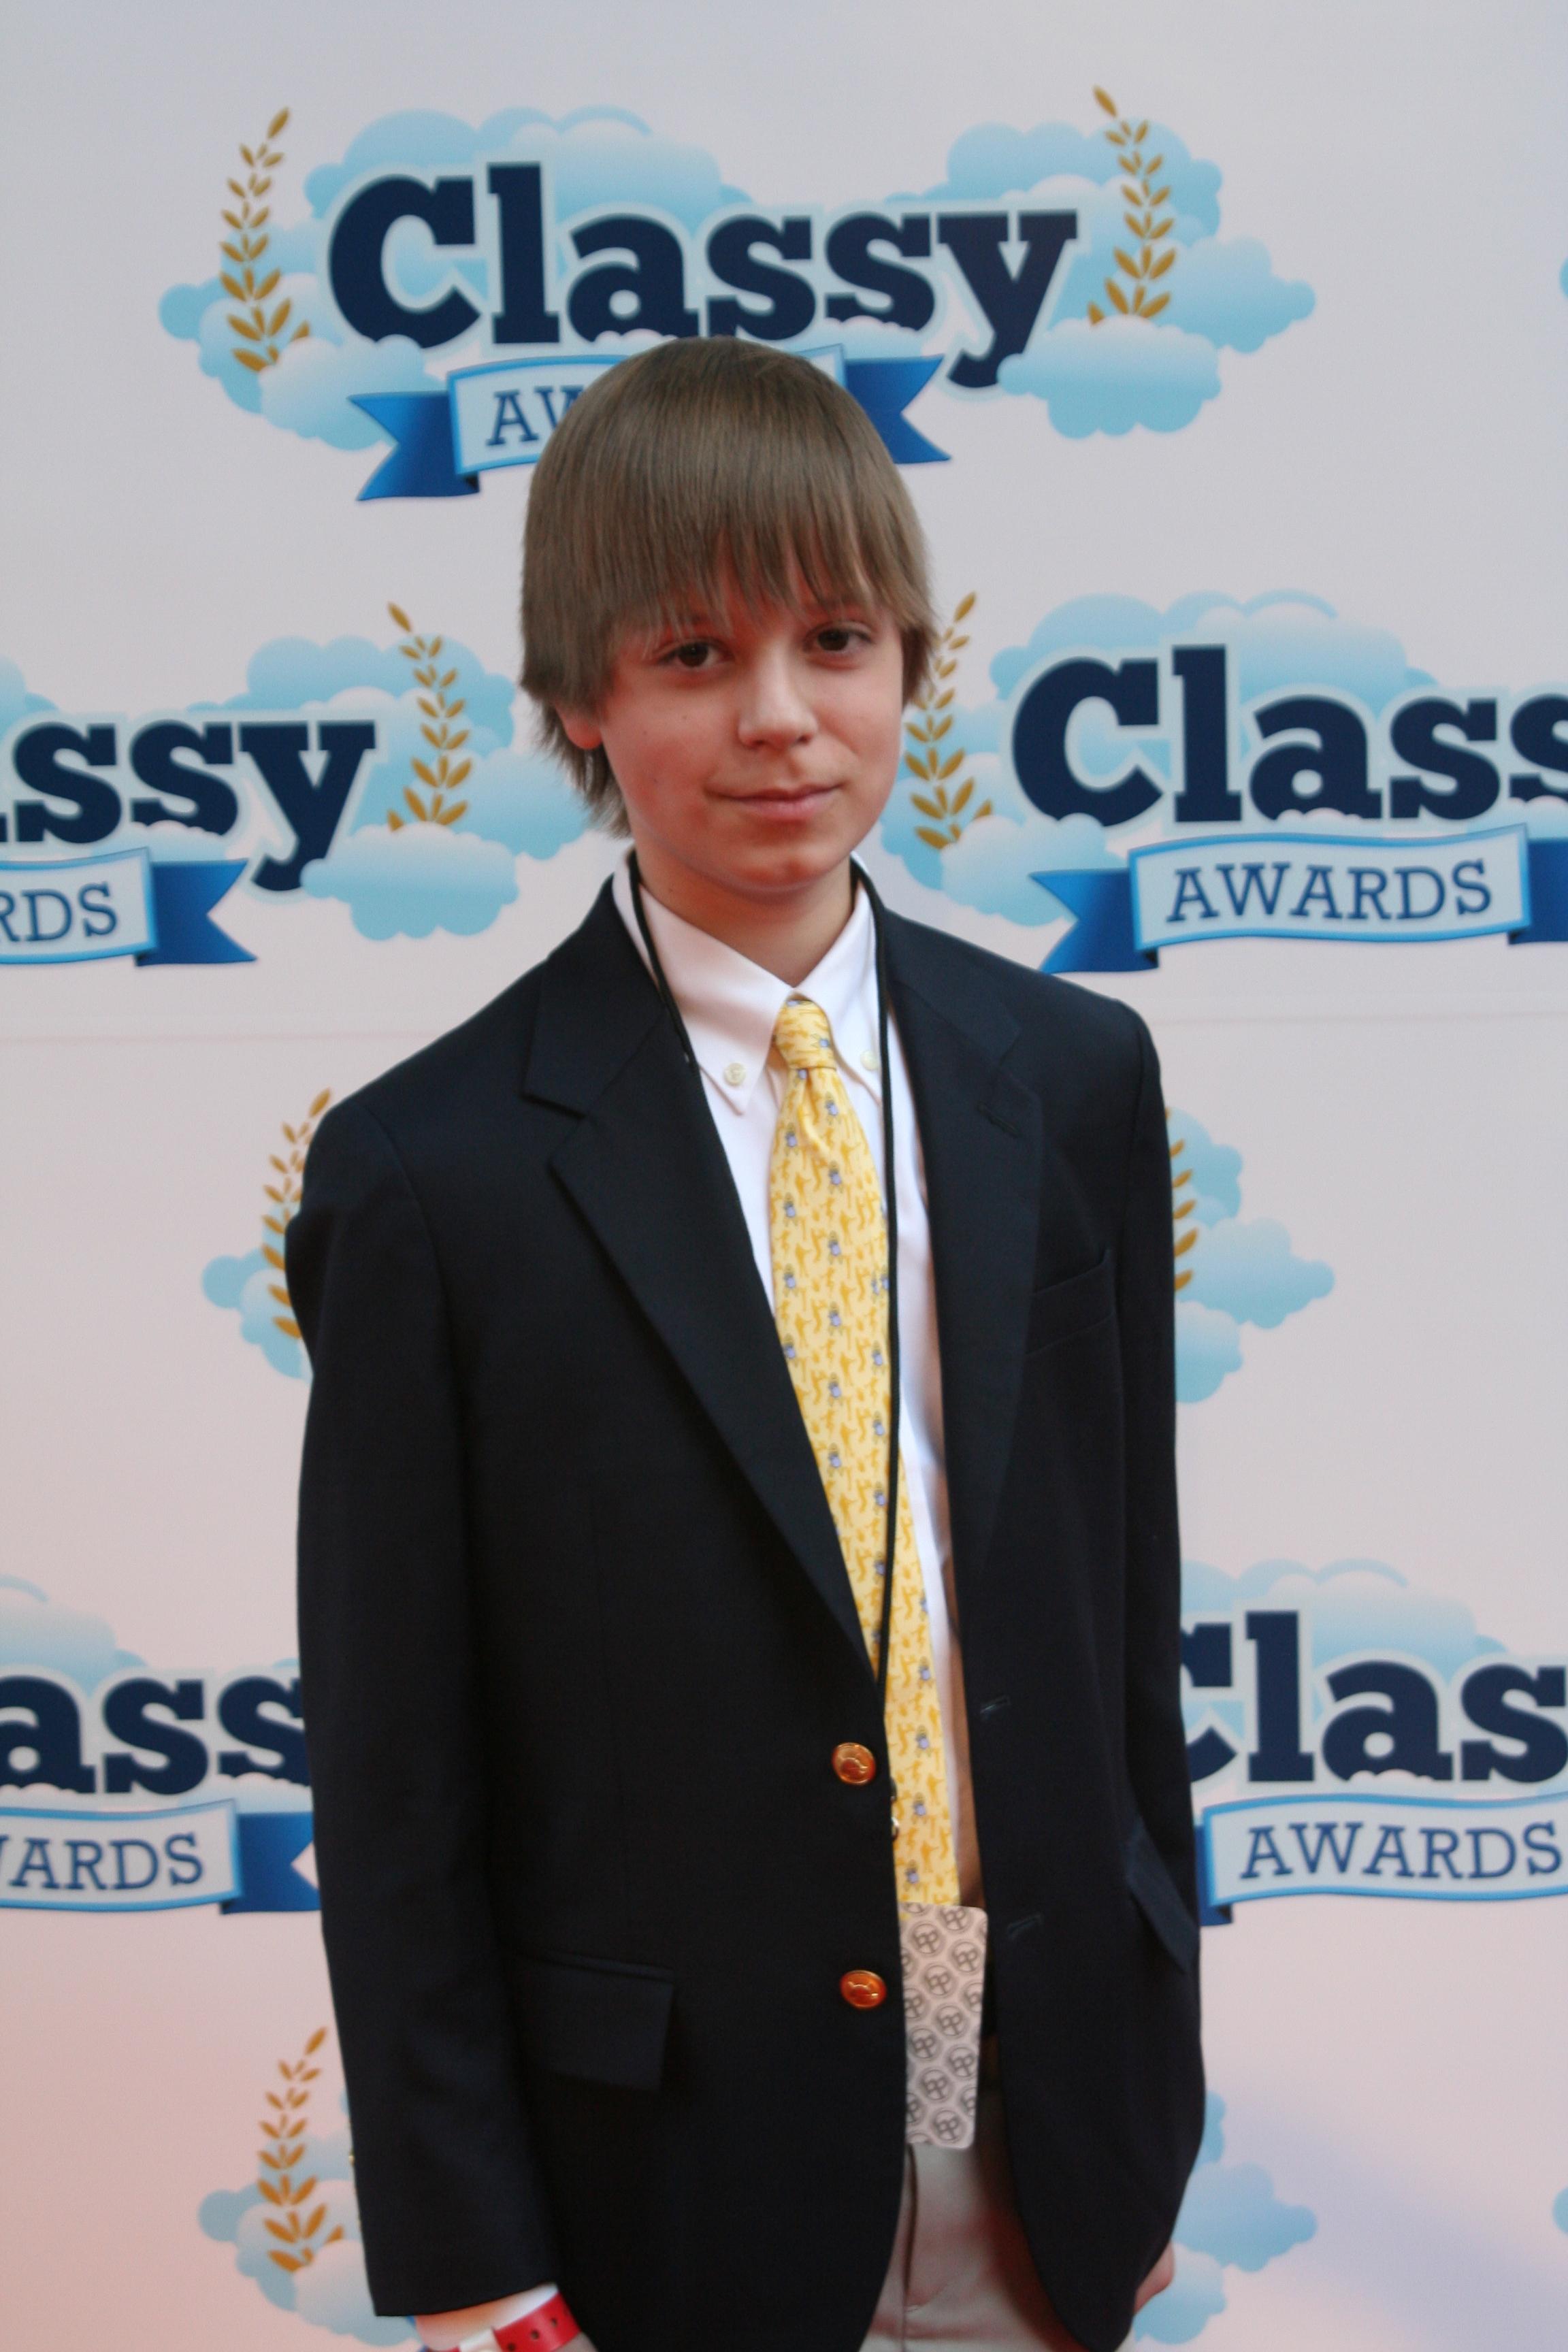 Classy Awards 2011